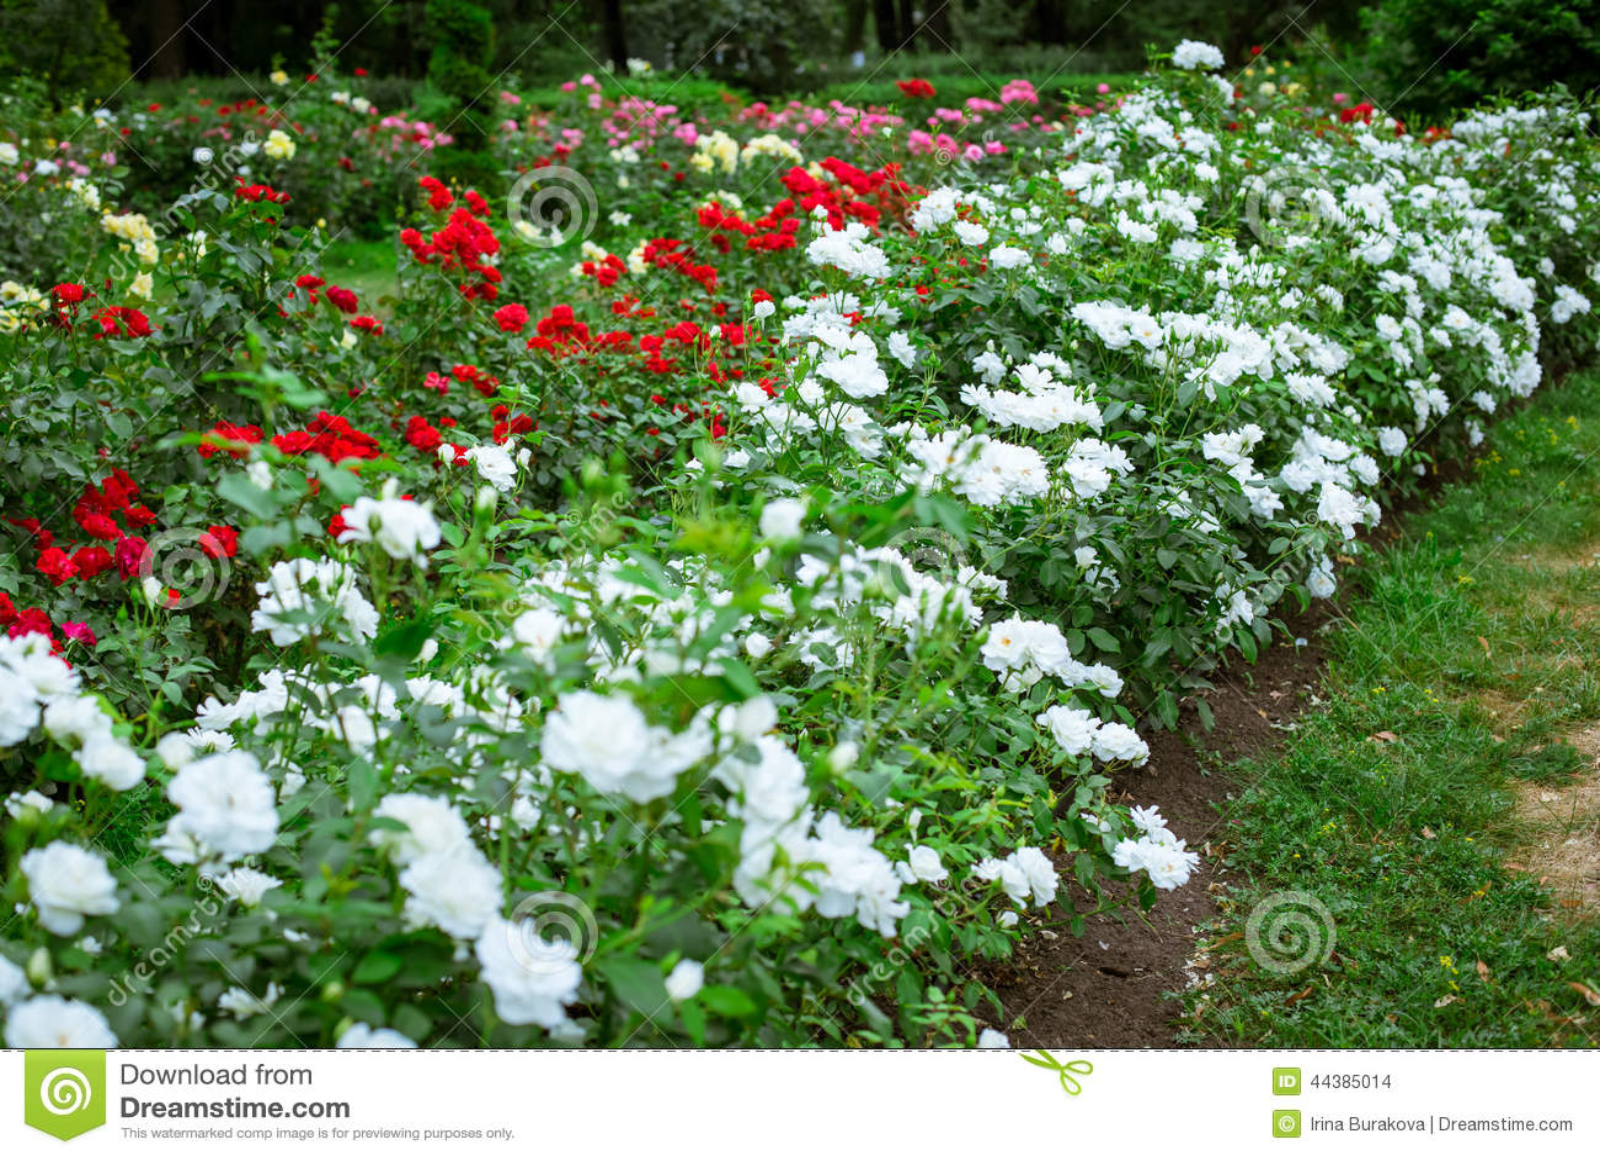 jardim rosas vermelhas:Rosas Brancas E Vermelhas No Jardim Foto de Stock – Imagem: 44385014